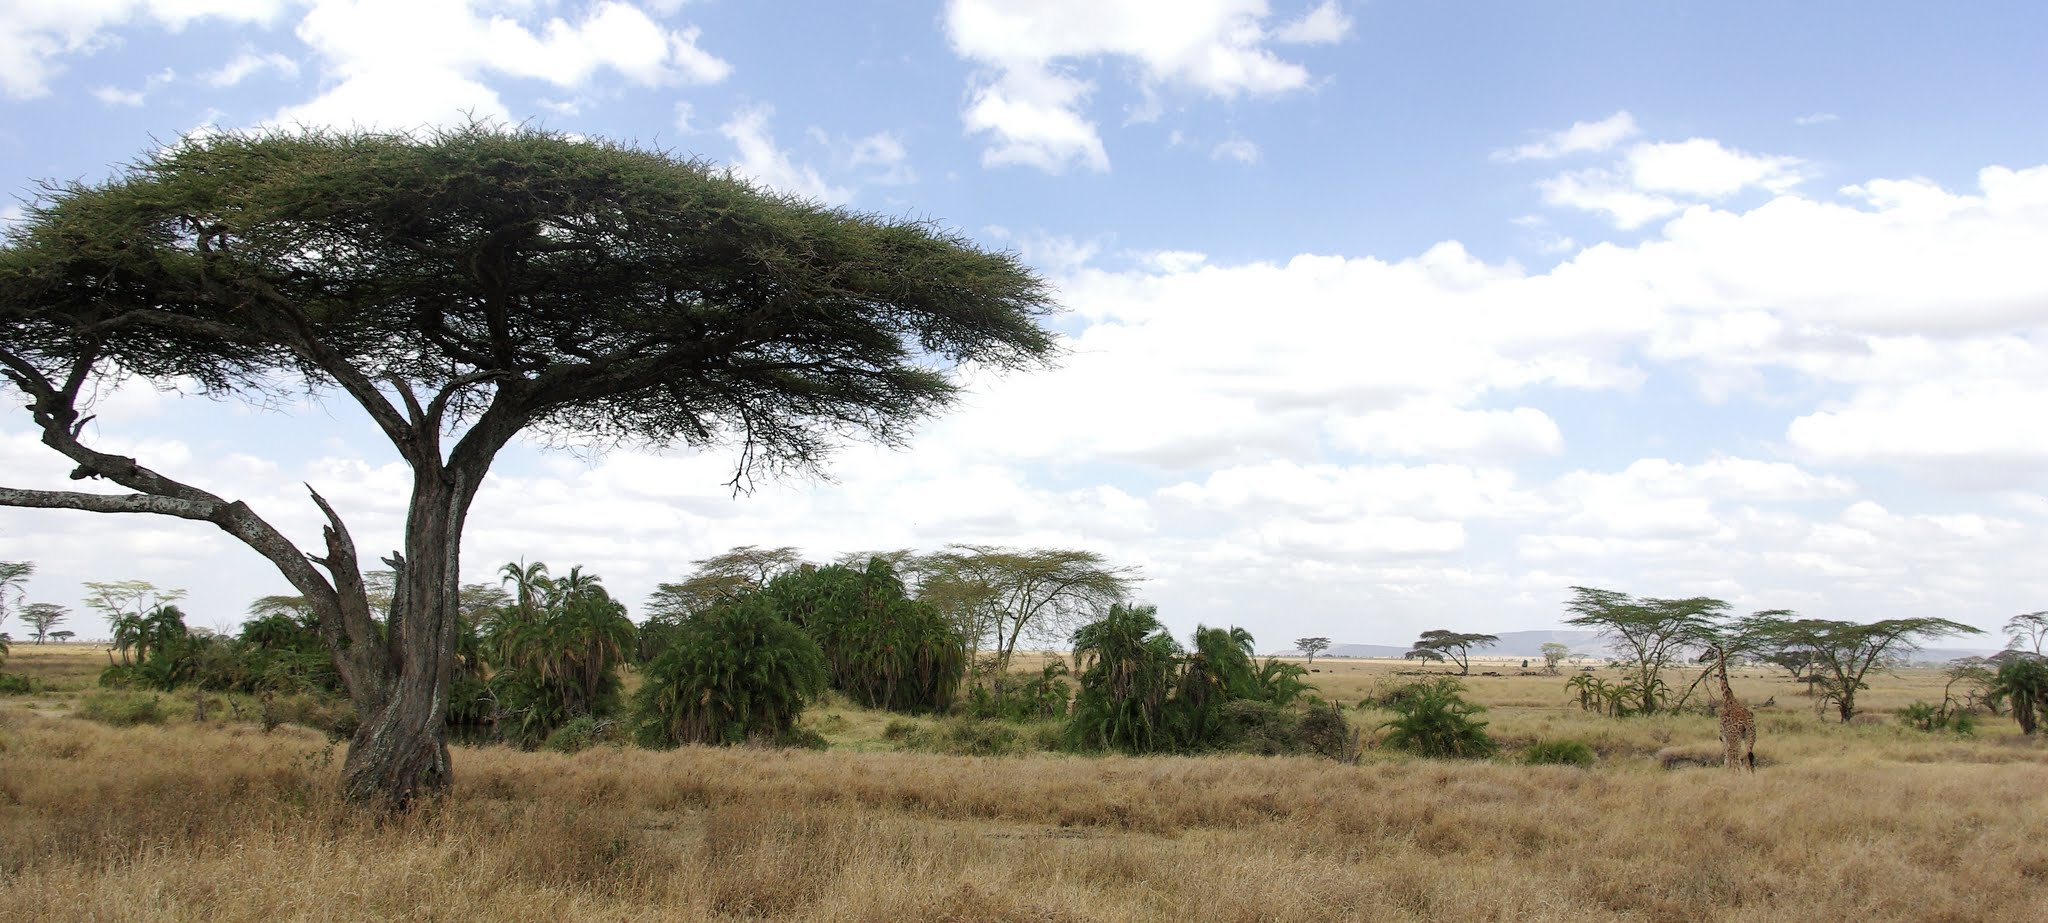 3-serengeti-06-08_dxo